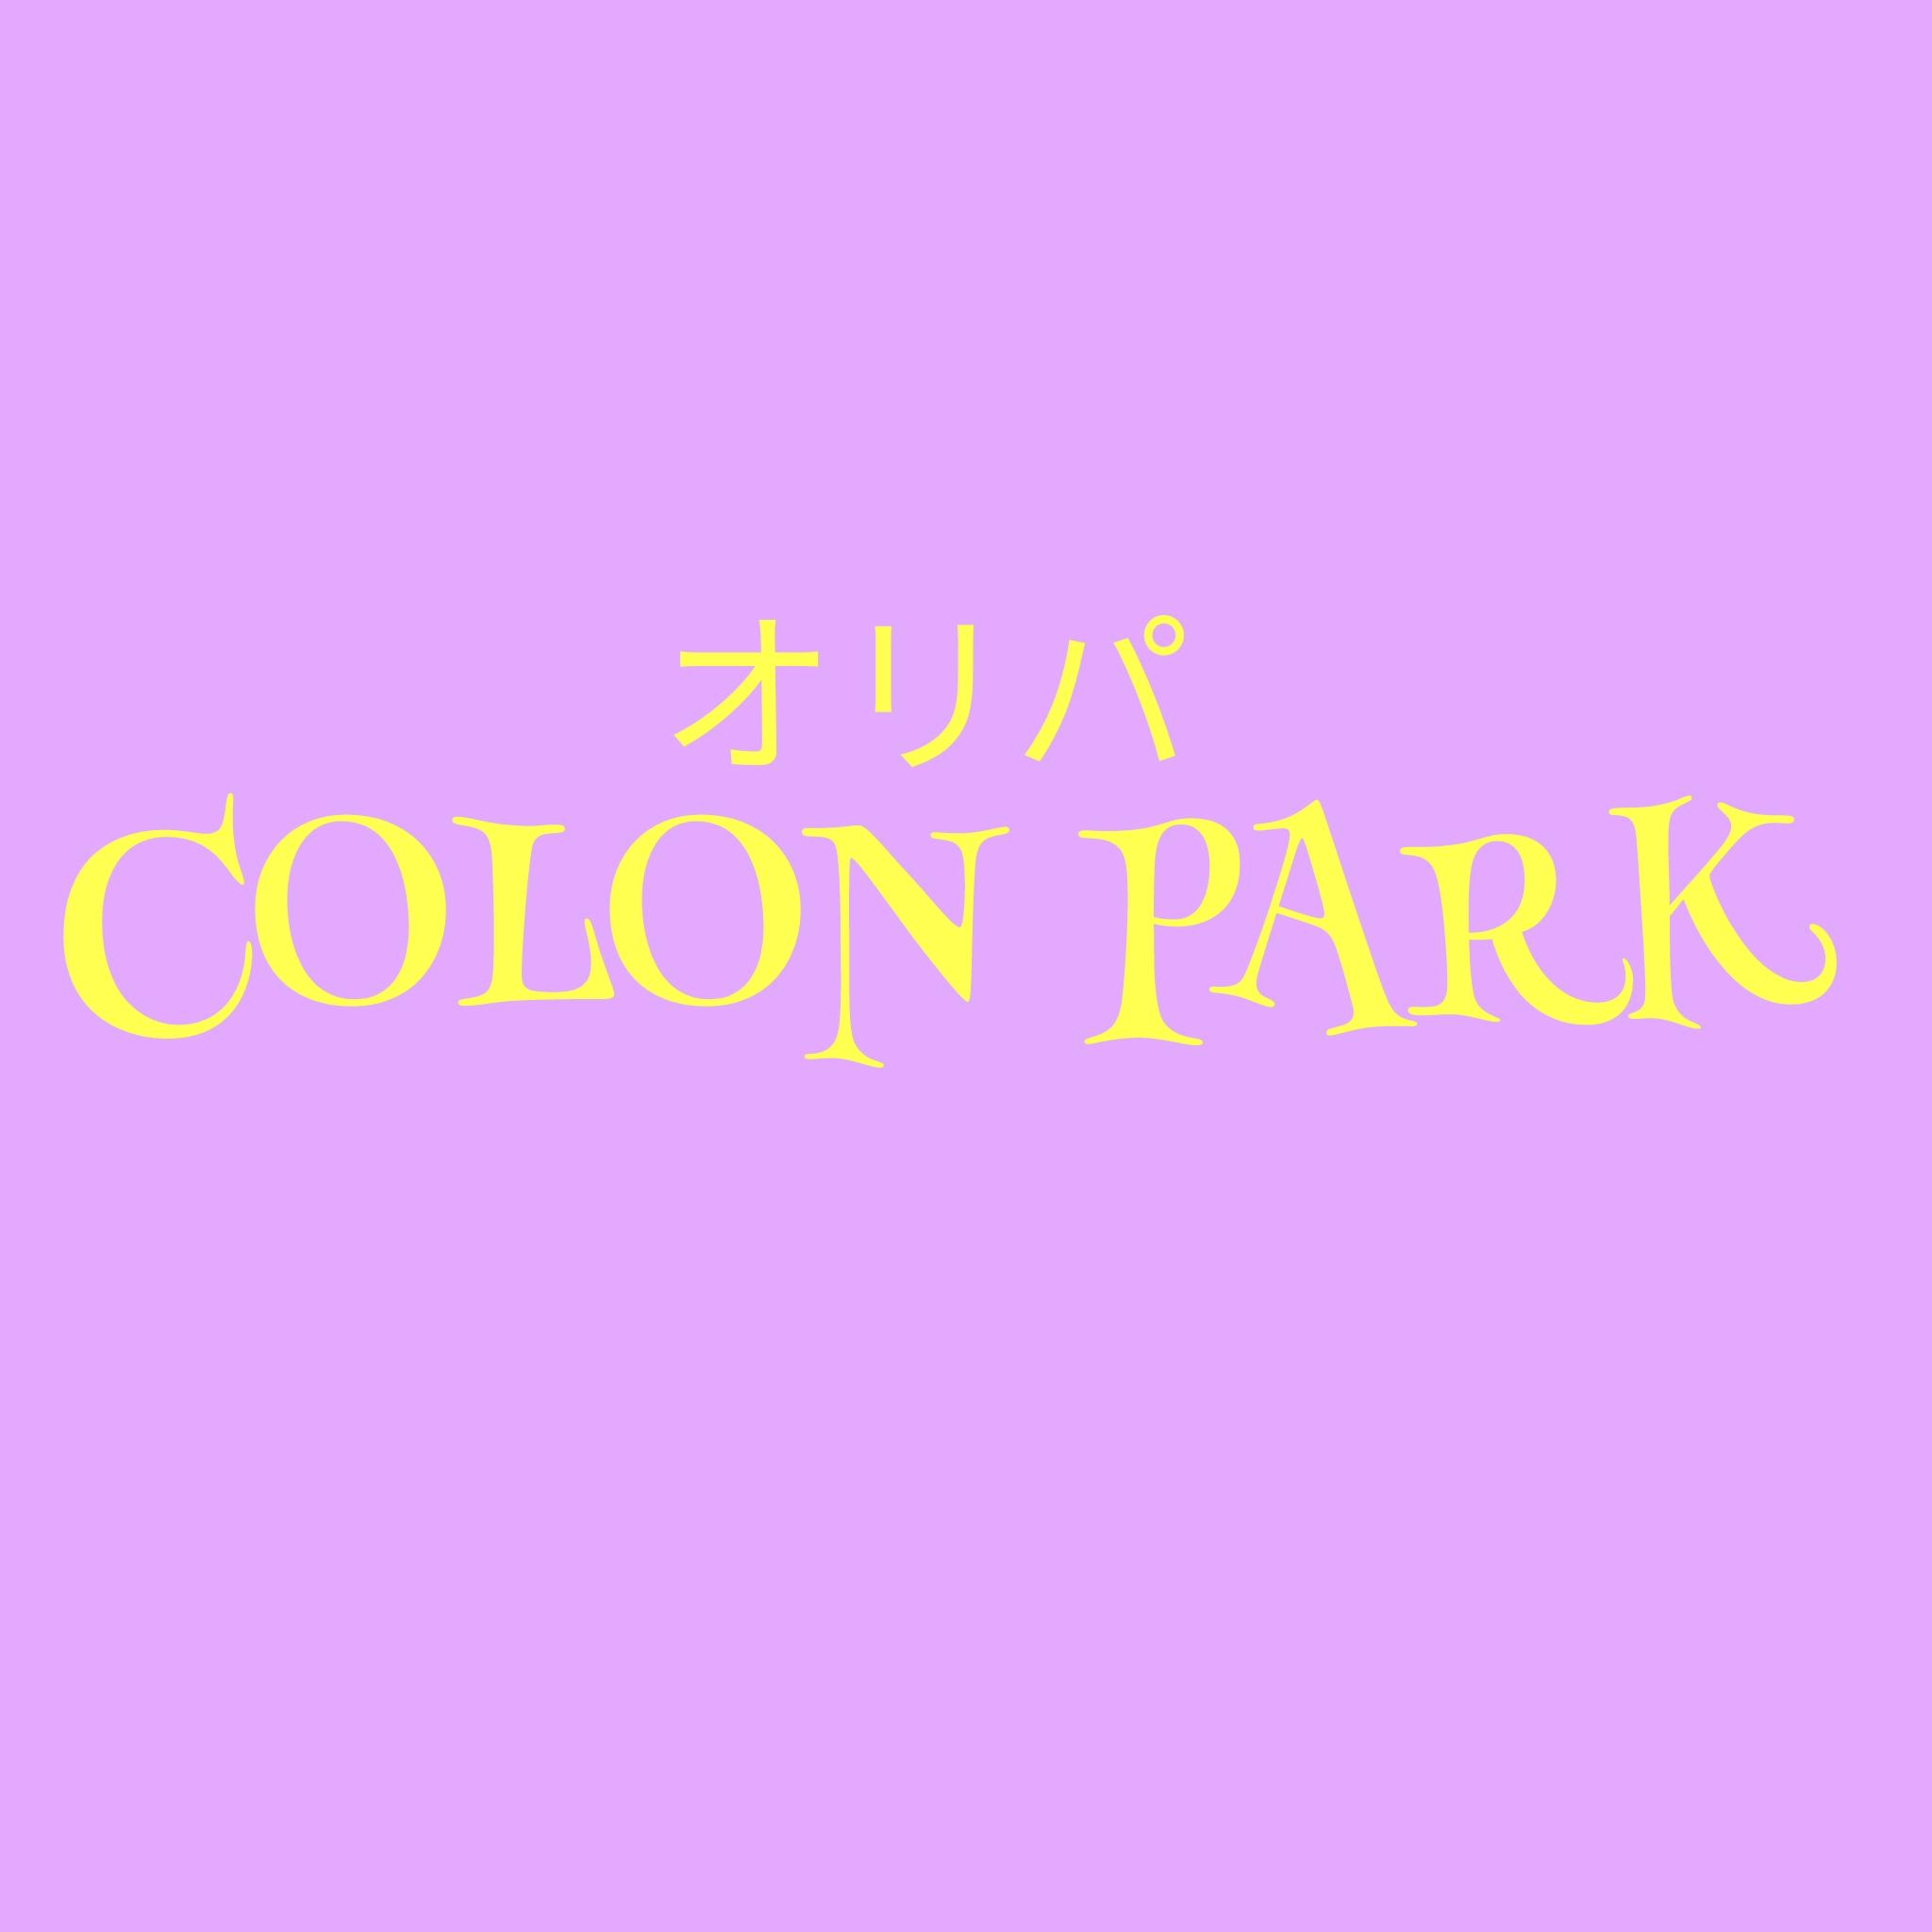 colonpark ポケモンカードオリパ